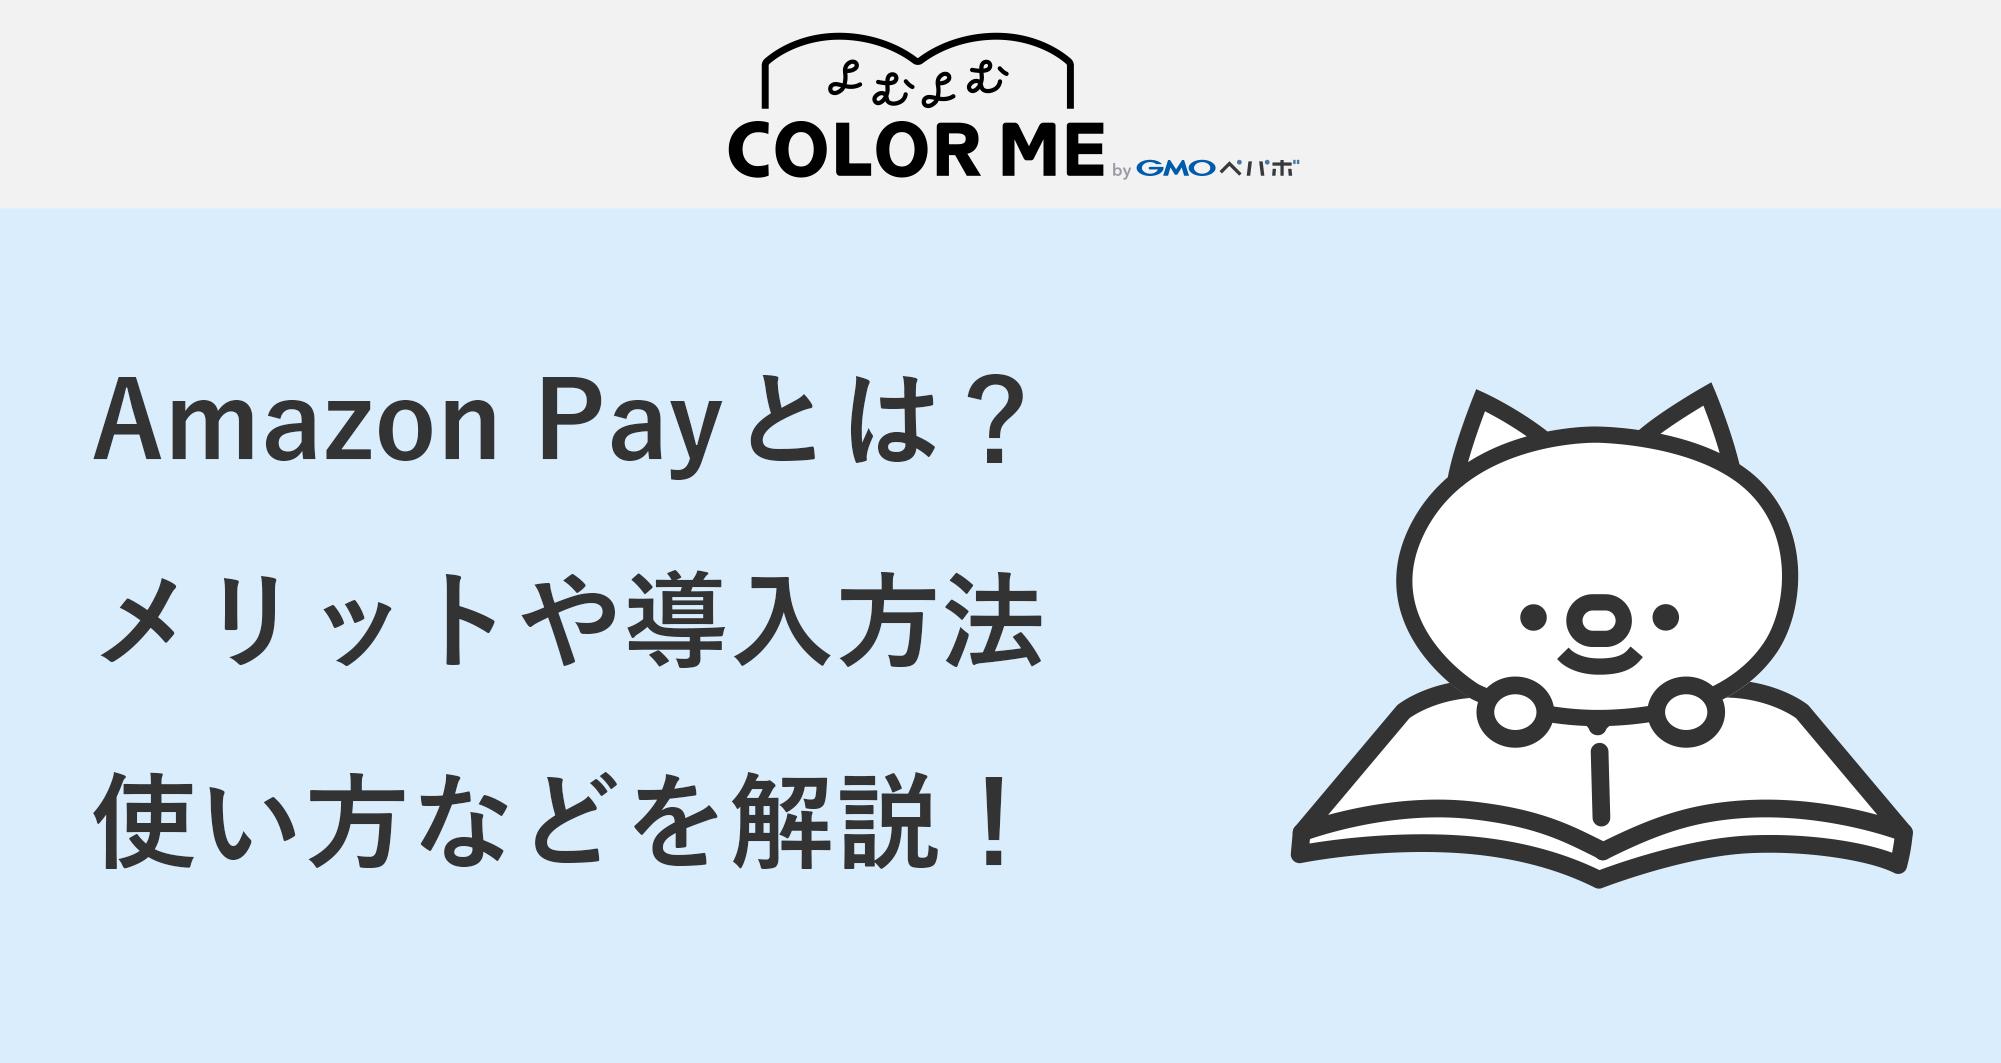 Amazon Pay(アマゾンペイ)とは?メリットや使い方・導入の流れなどを解説!